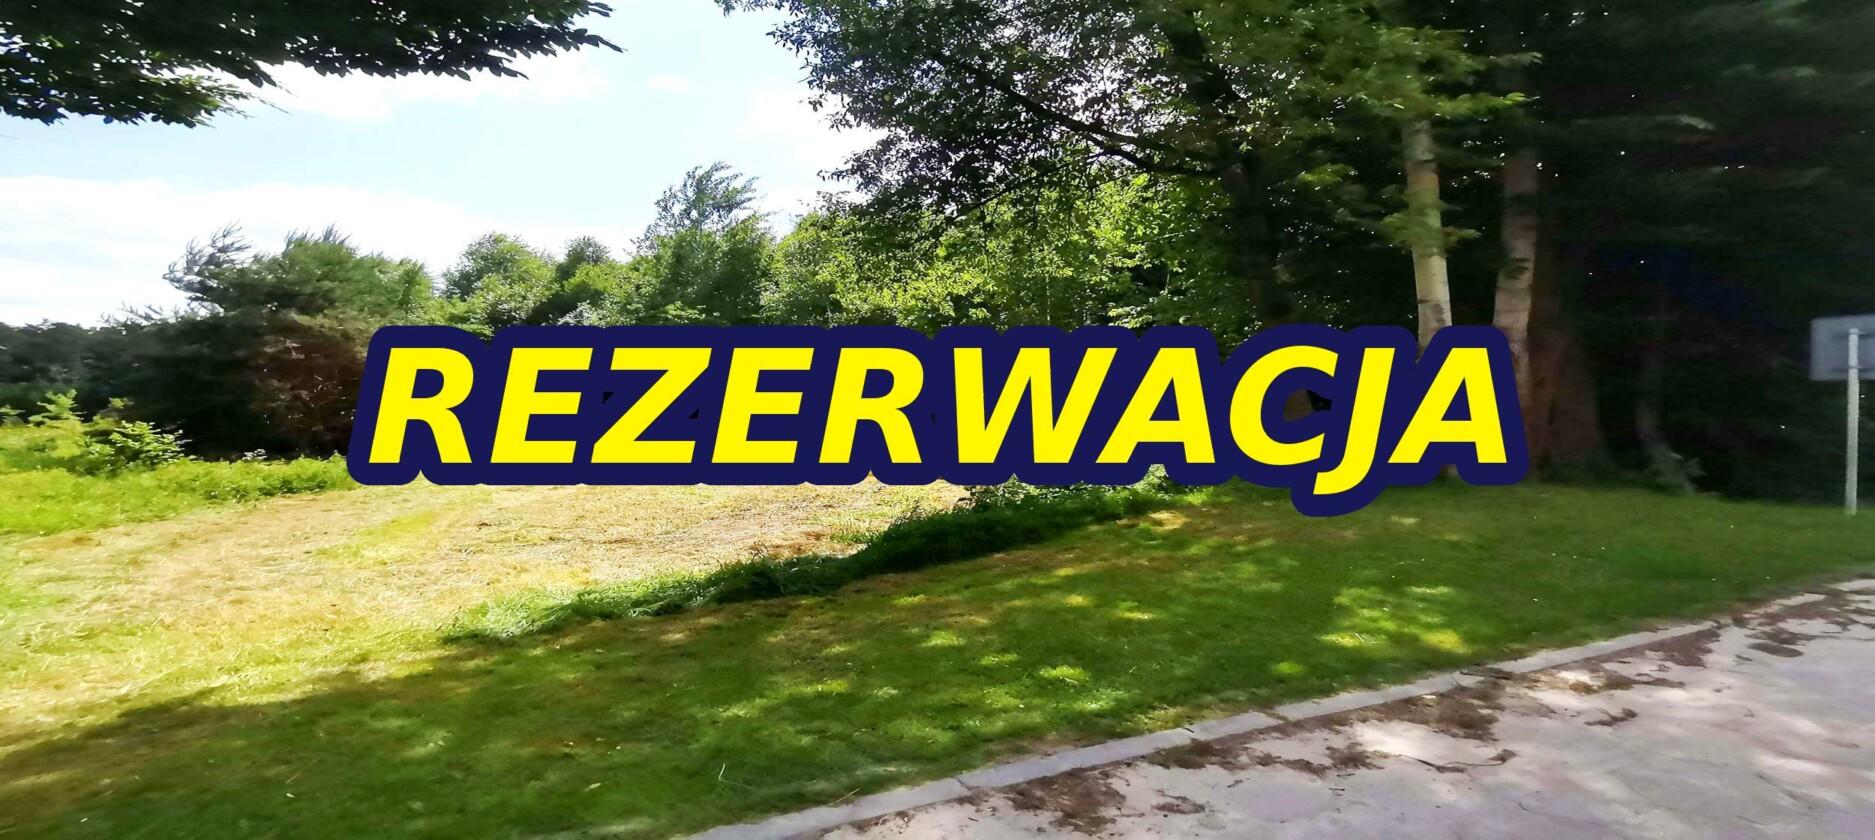 REZERW GRABNIK - Nieruchomości Krzysztof Górski Zamość, biuro nieruchomości, domy, mieszkania, działki, lokale, sprzedaż nieruchomości, wynajem nieruchomości